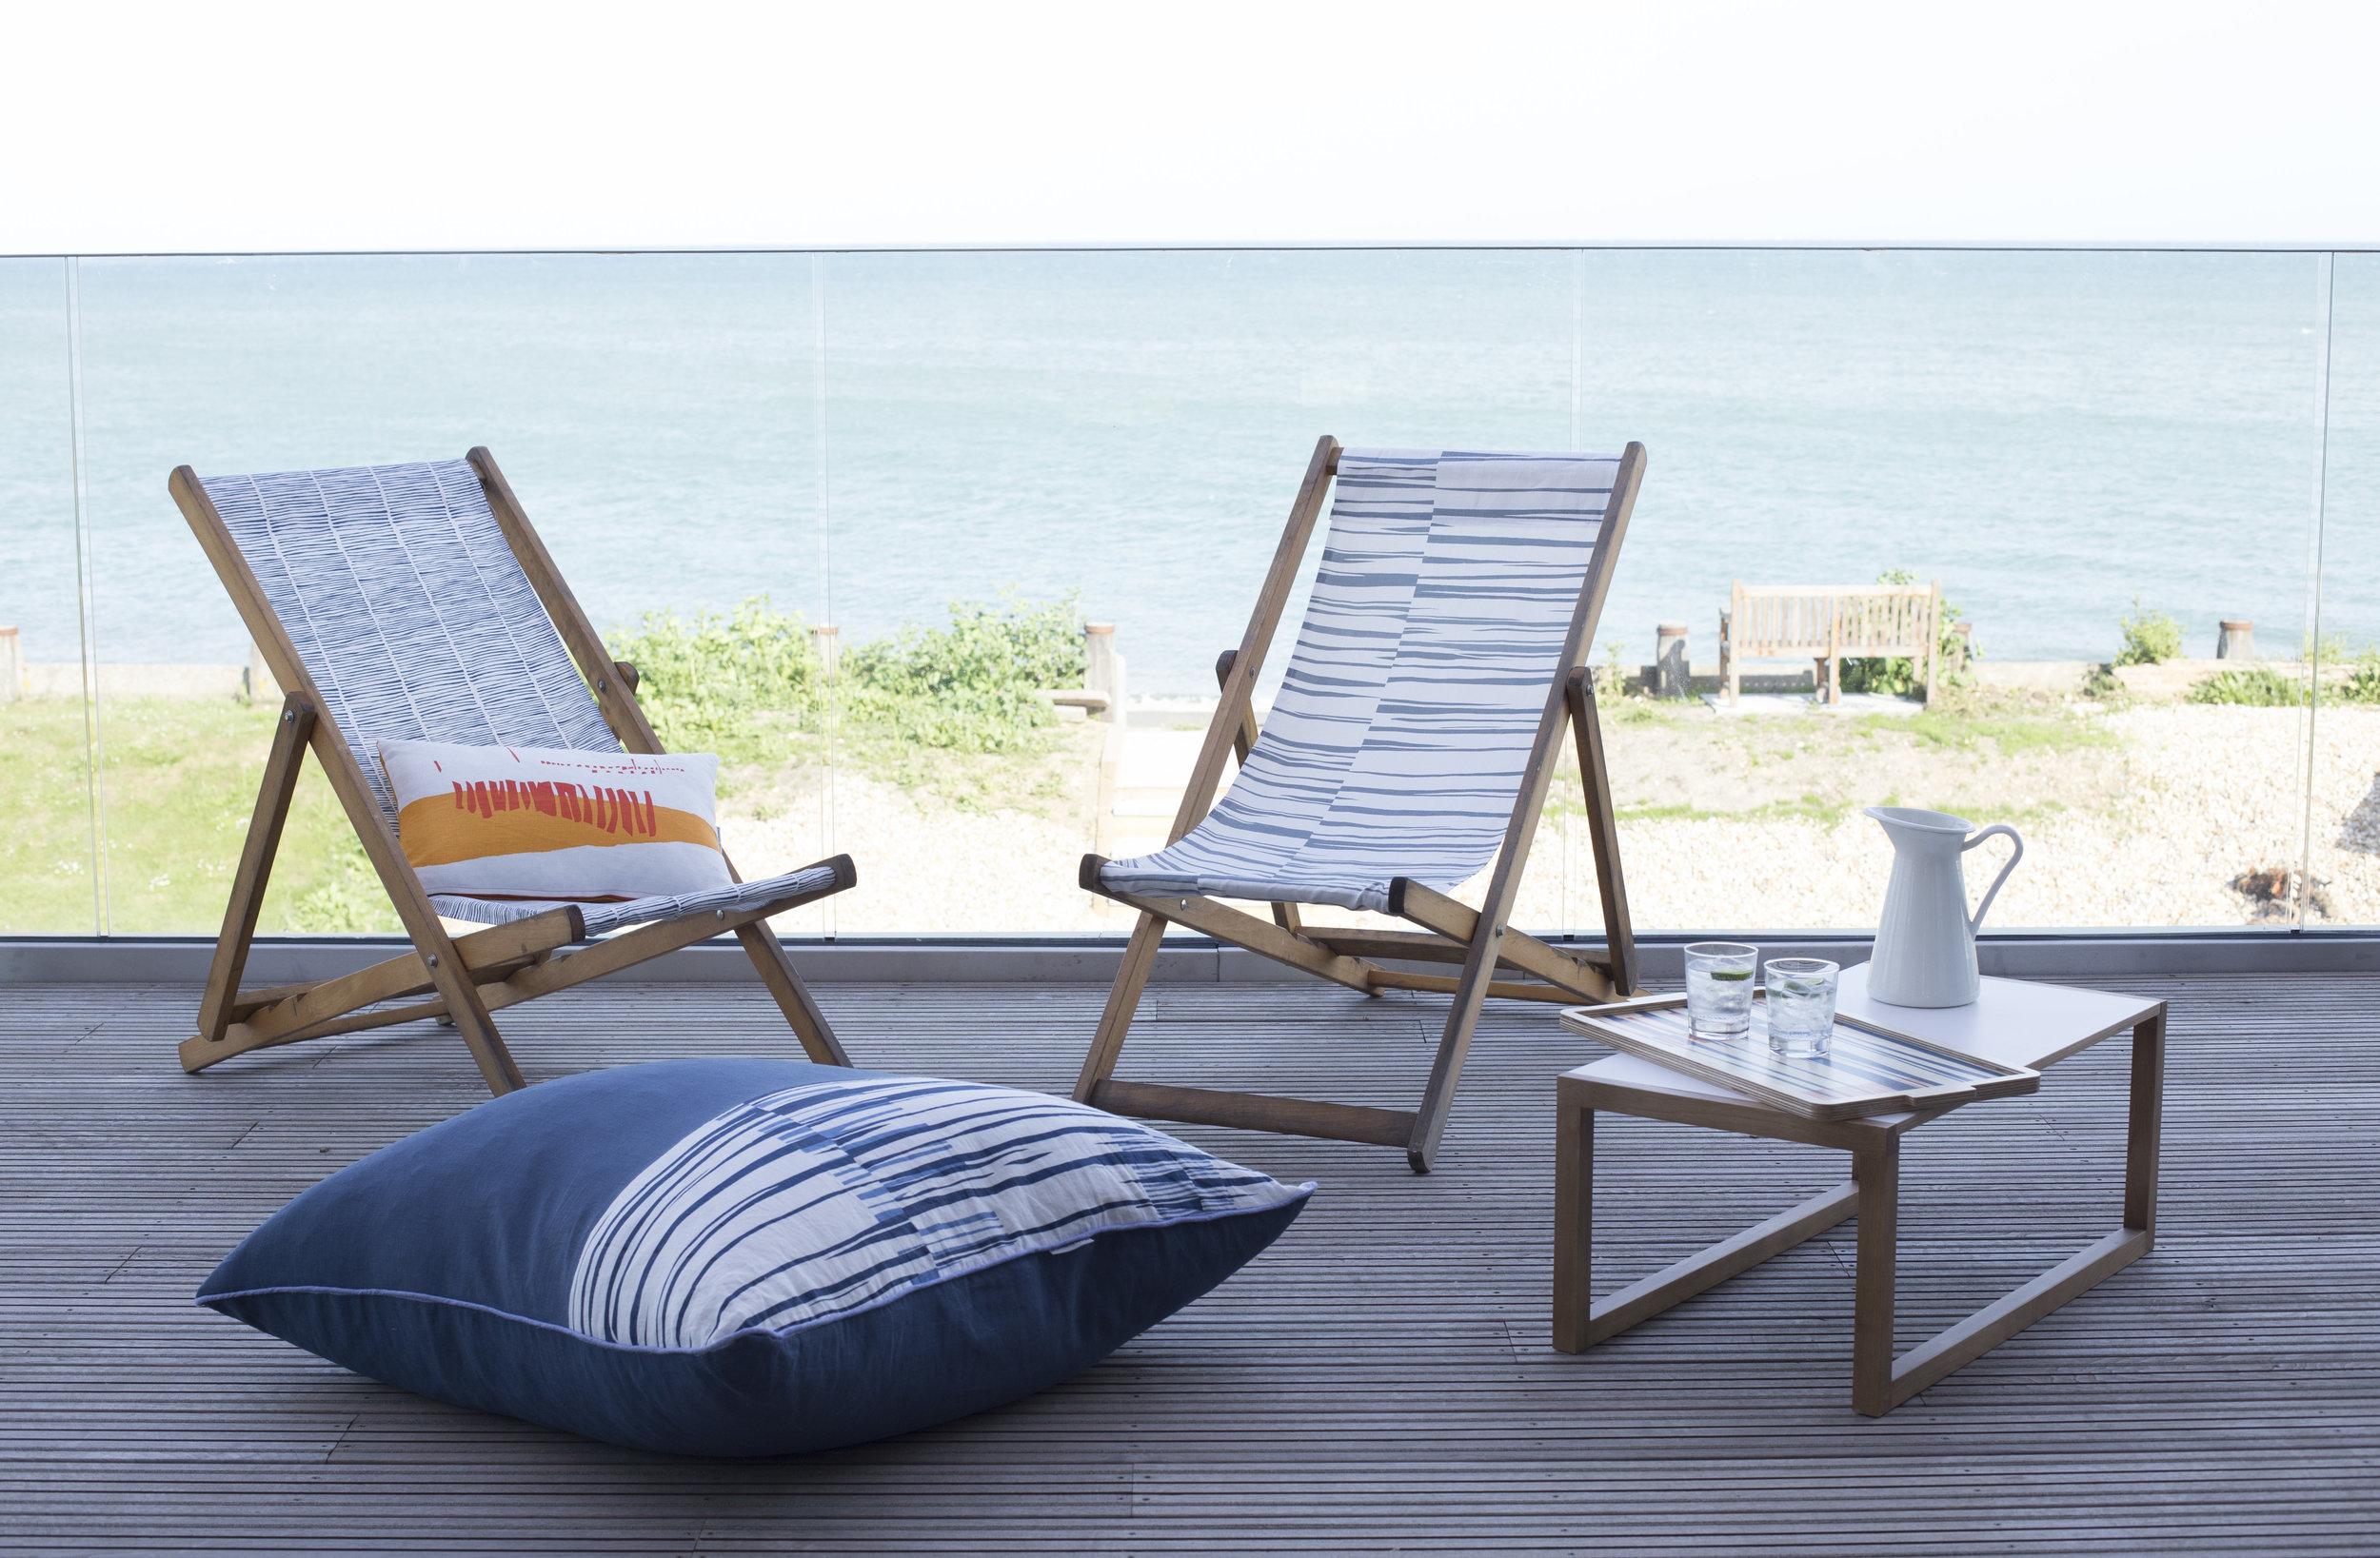 Deck chairs1.jpg